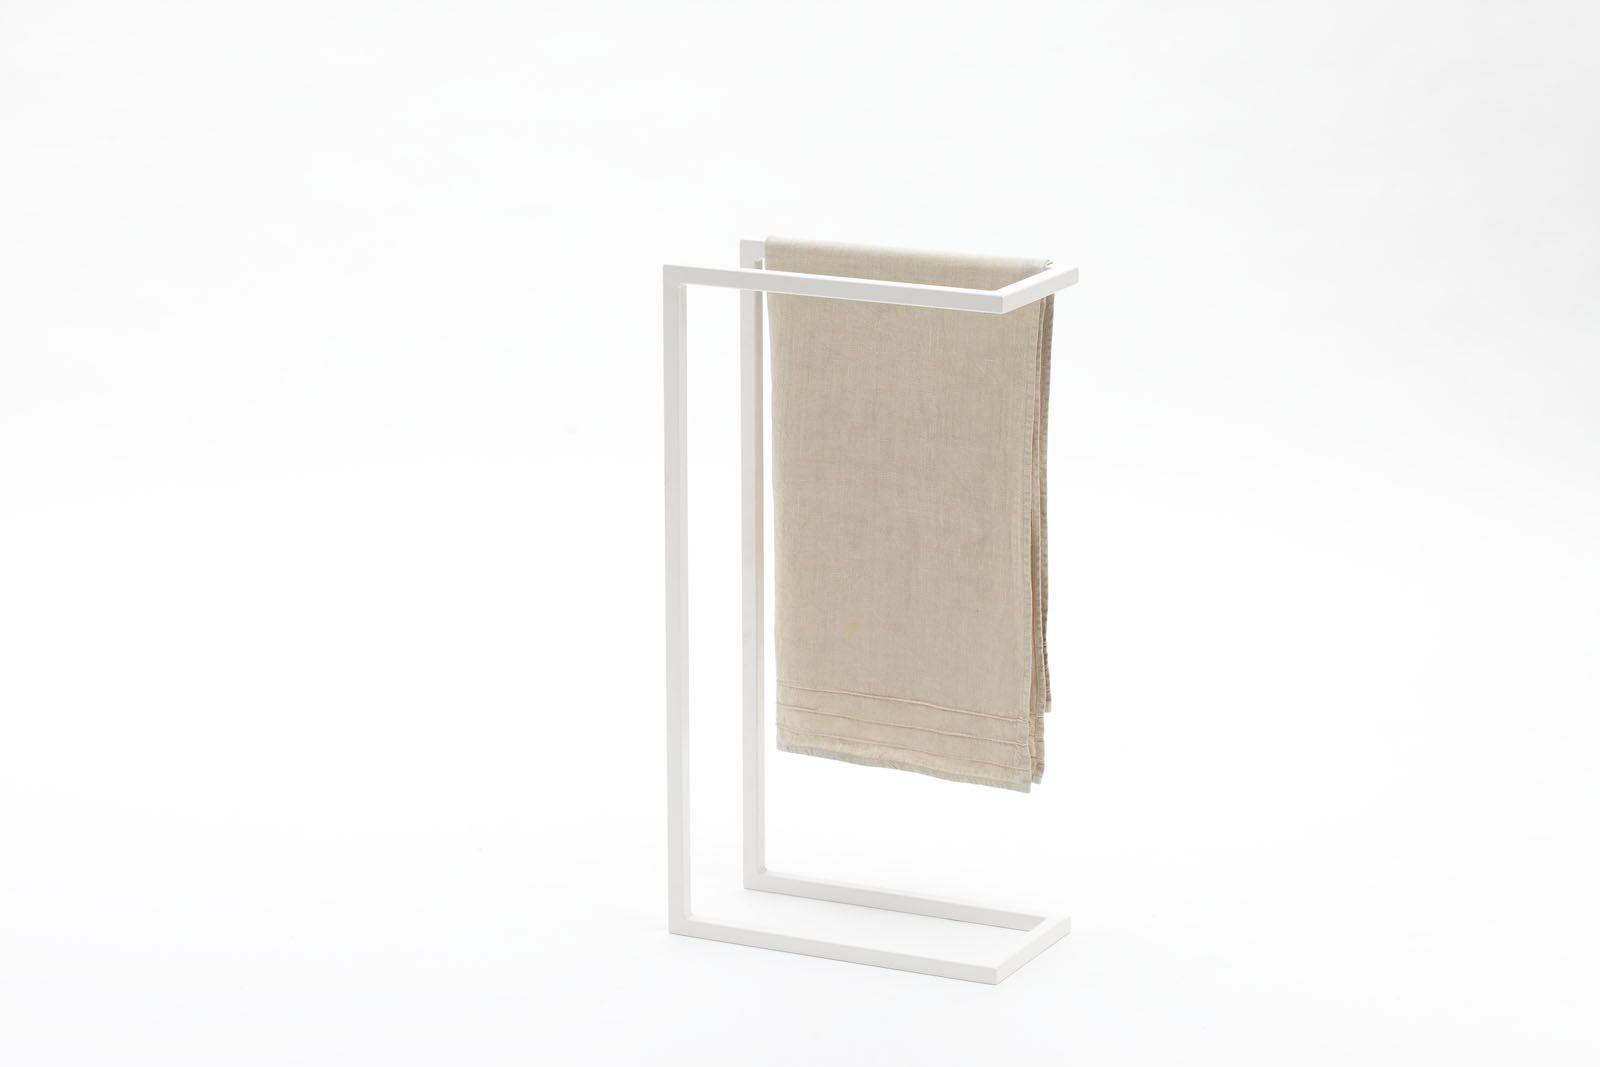 C 09 porta asciugamani da terra in acciaio verniciato - Mobili porta asciugamani bagno ...